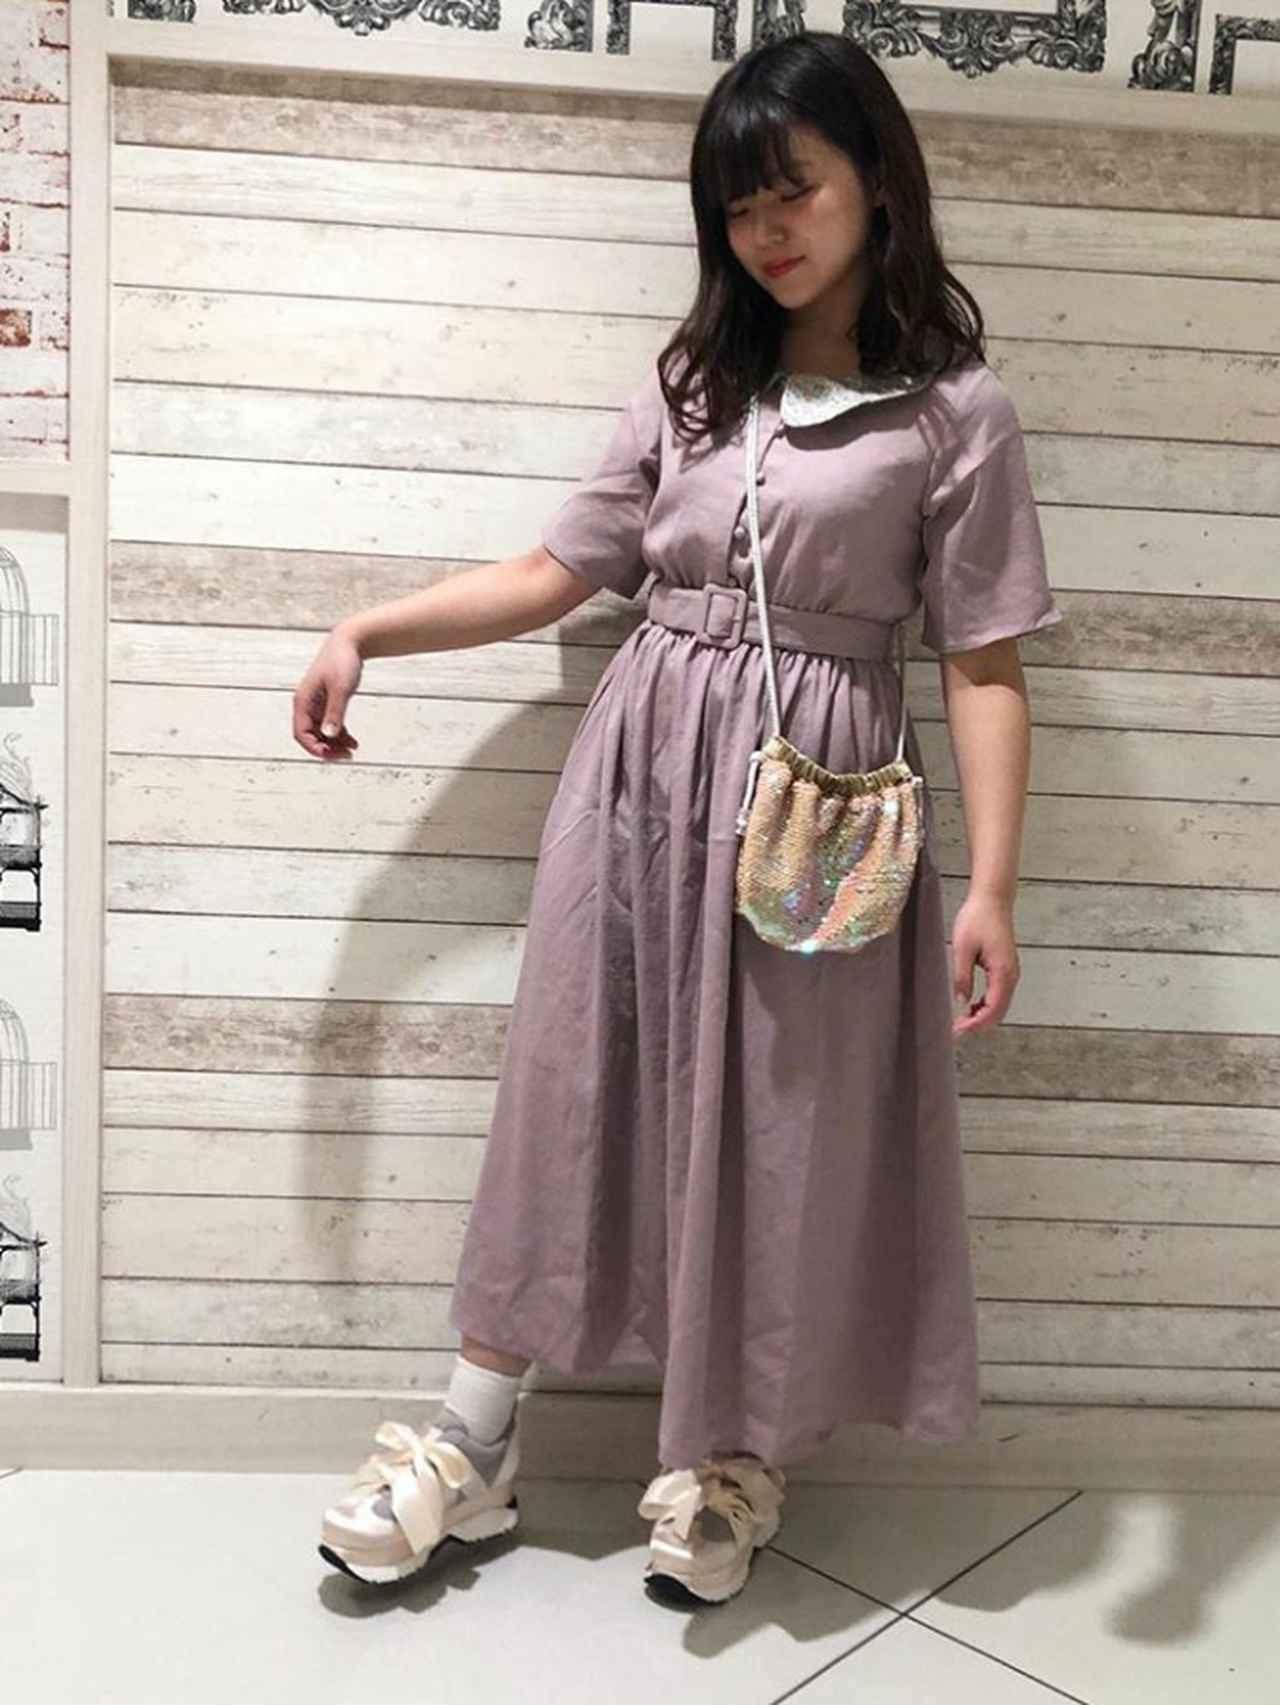 画像3: ファッションに合わせて選ぶ☆足元のオシャレは動きやすいスニーカーに注目!